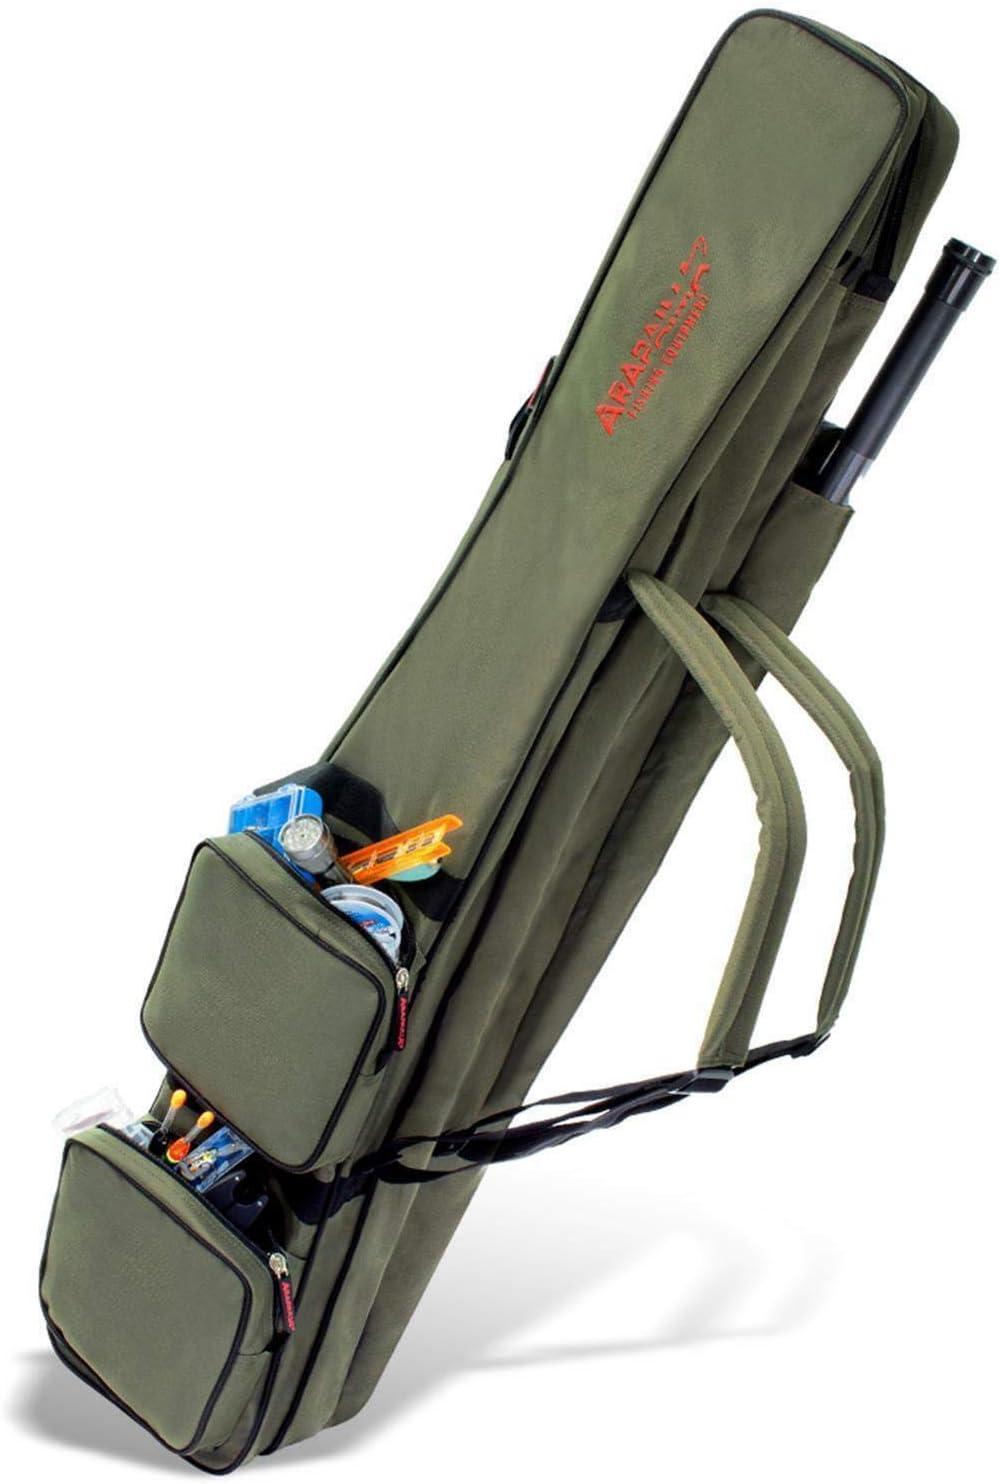 ARAPAIMA FISHING EQUIPMENT Allround Rutentasche Angeln Tasche mit 3 Innenf/ächern f/ür Angelruten Kescher und Rutenhalter